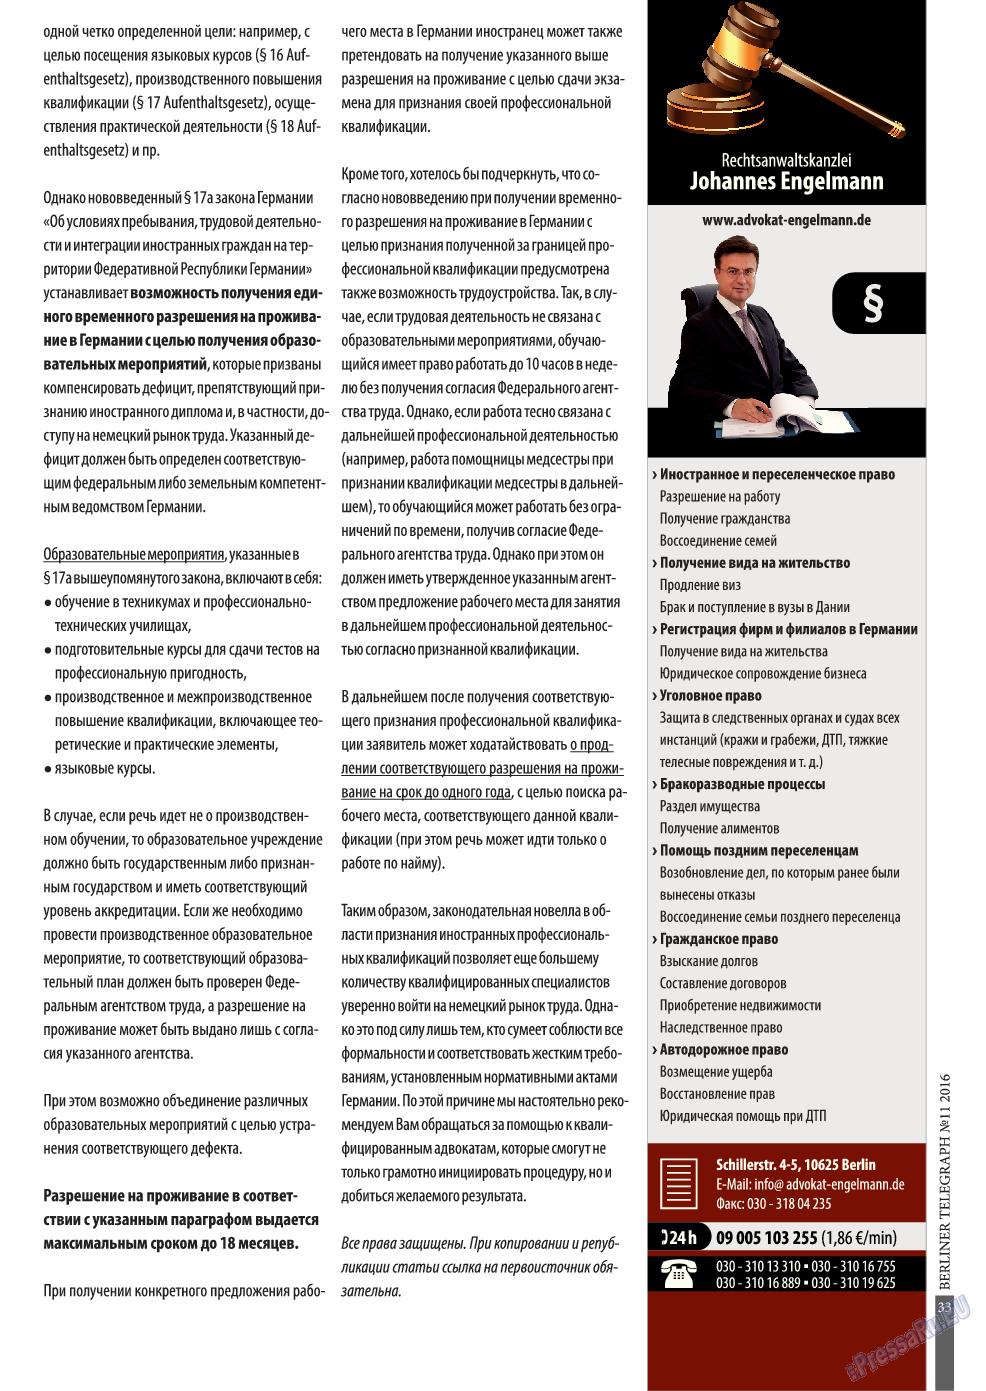 Берлинский телеграф (журнал). 2016 год, номер 12, стр. 33